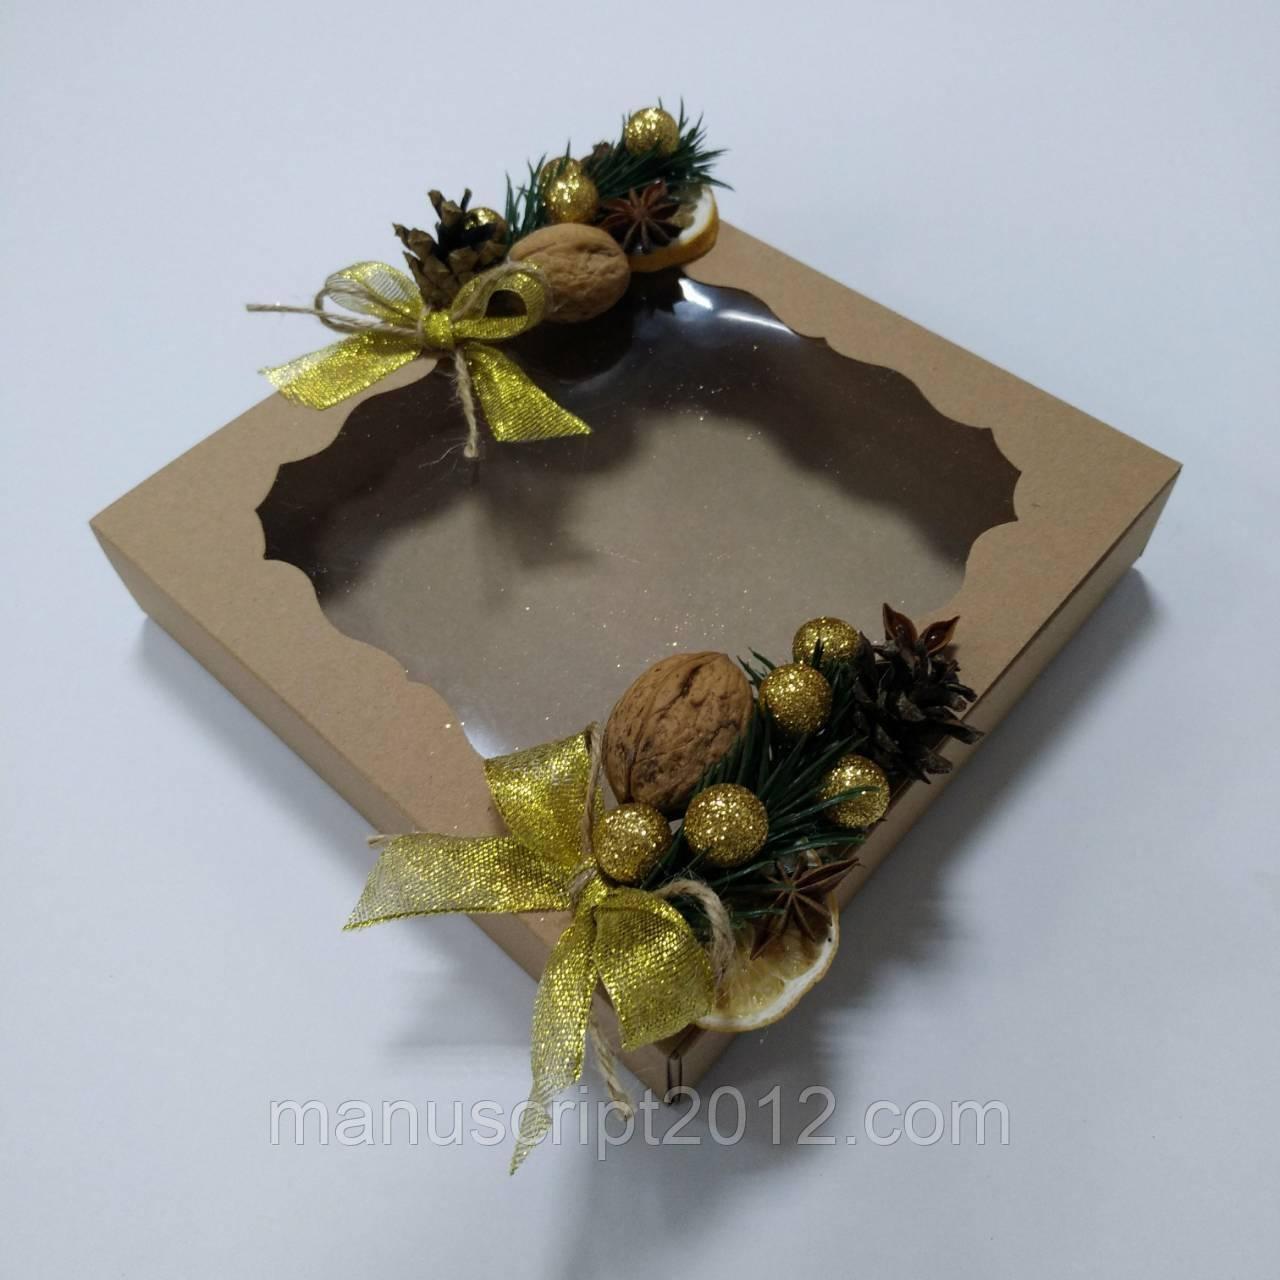 Коробка для подарков с новогодним декором 160х160х35 мм